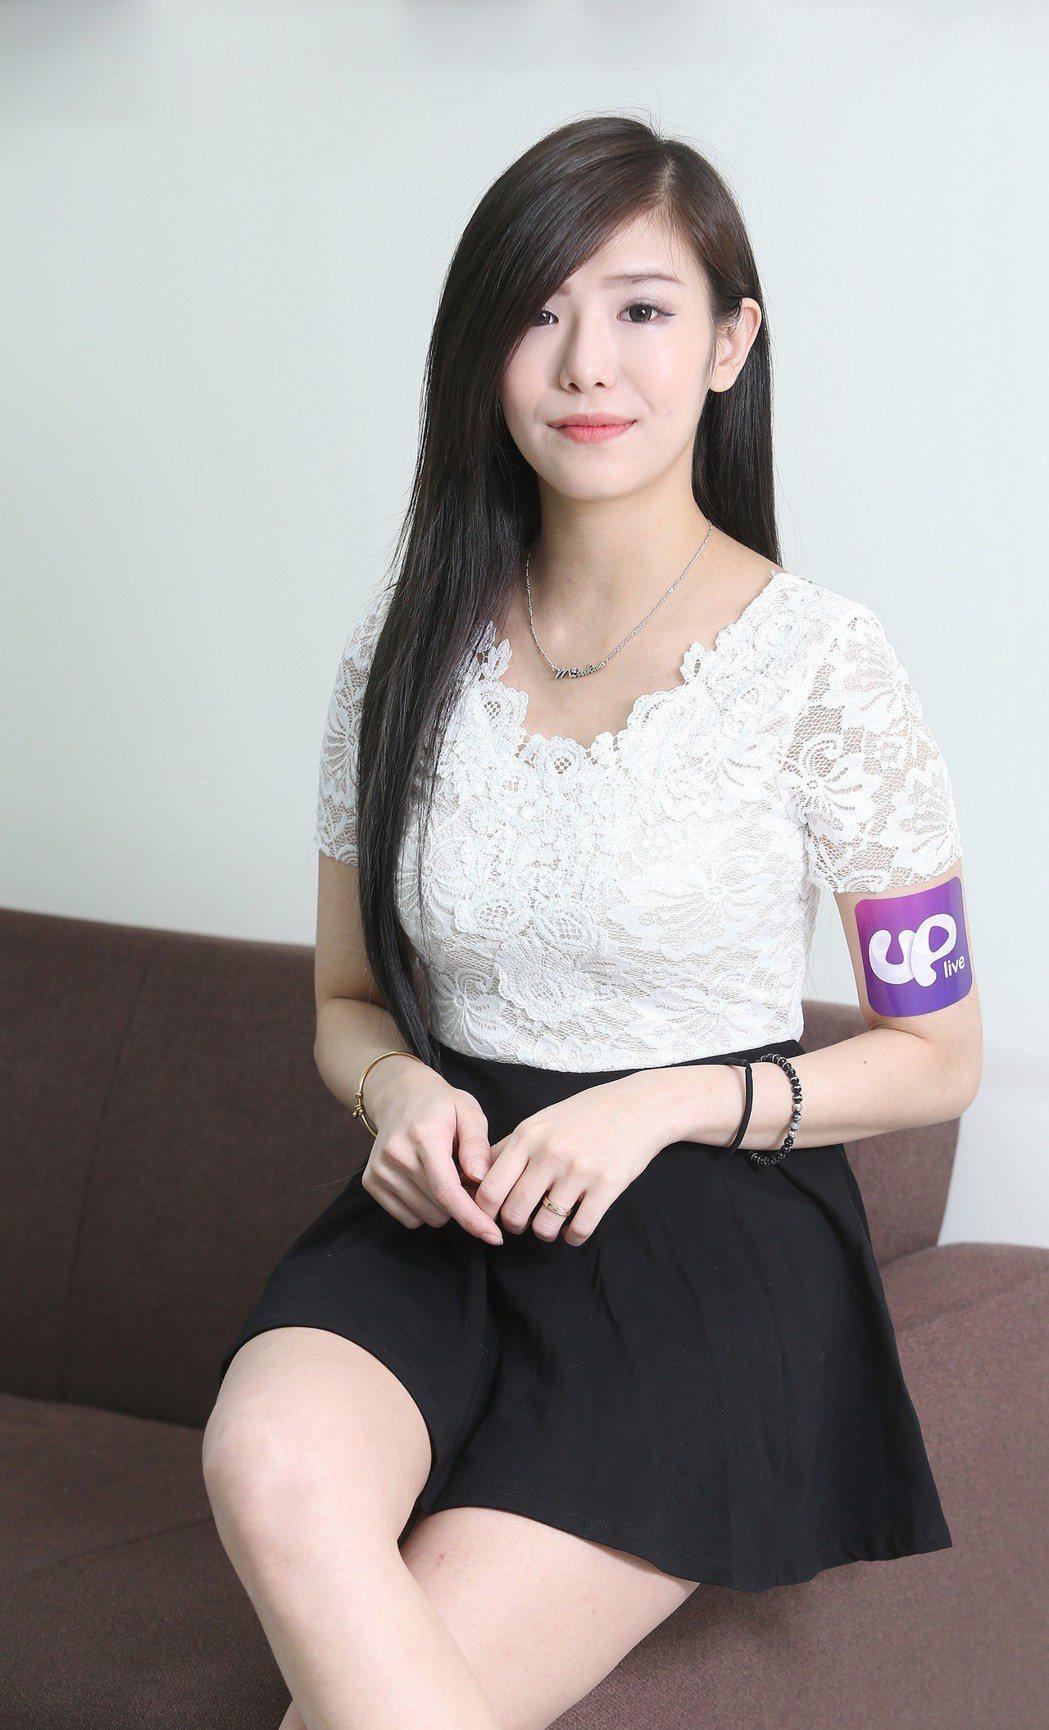 專訪UP直播主Mi。記者陳柏亨/攝影